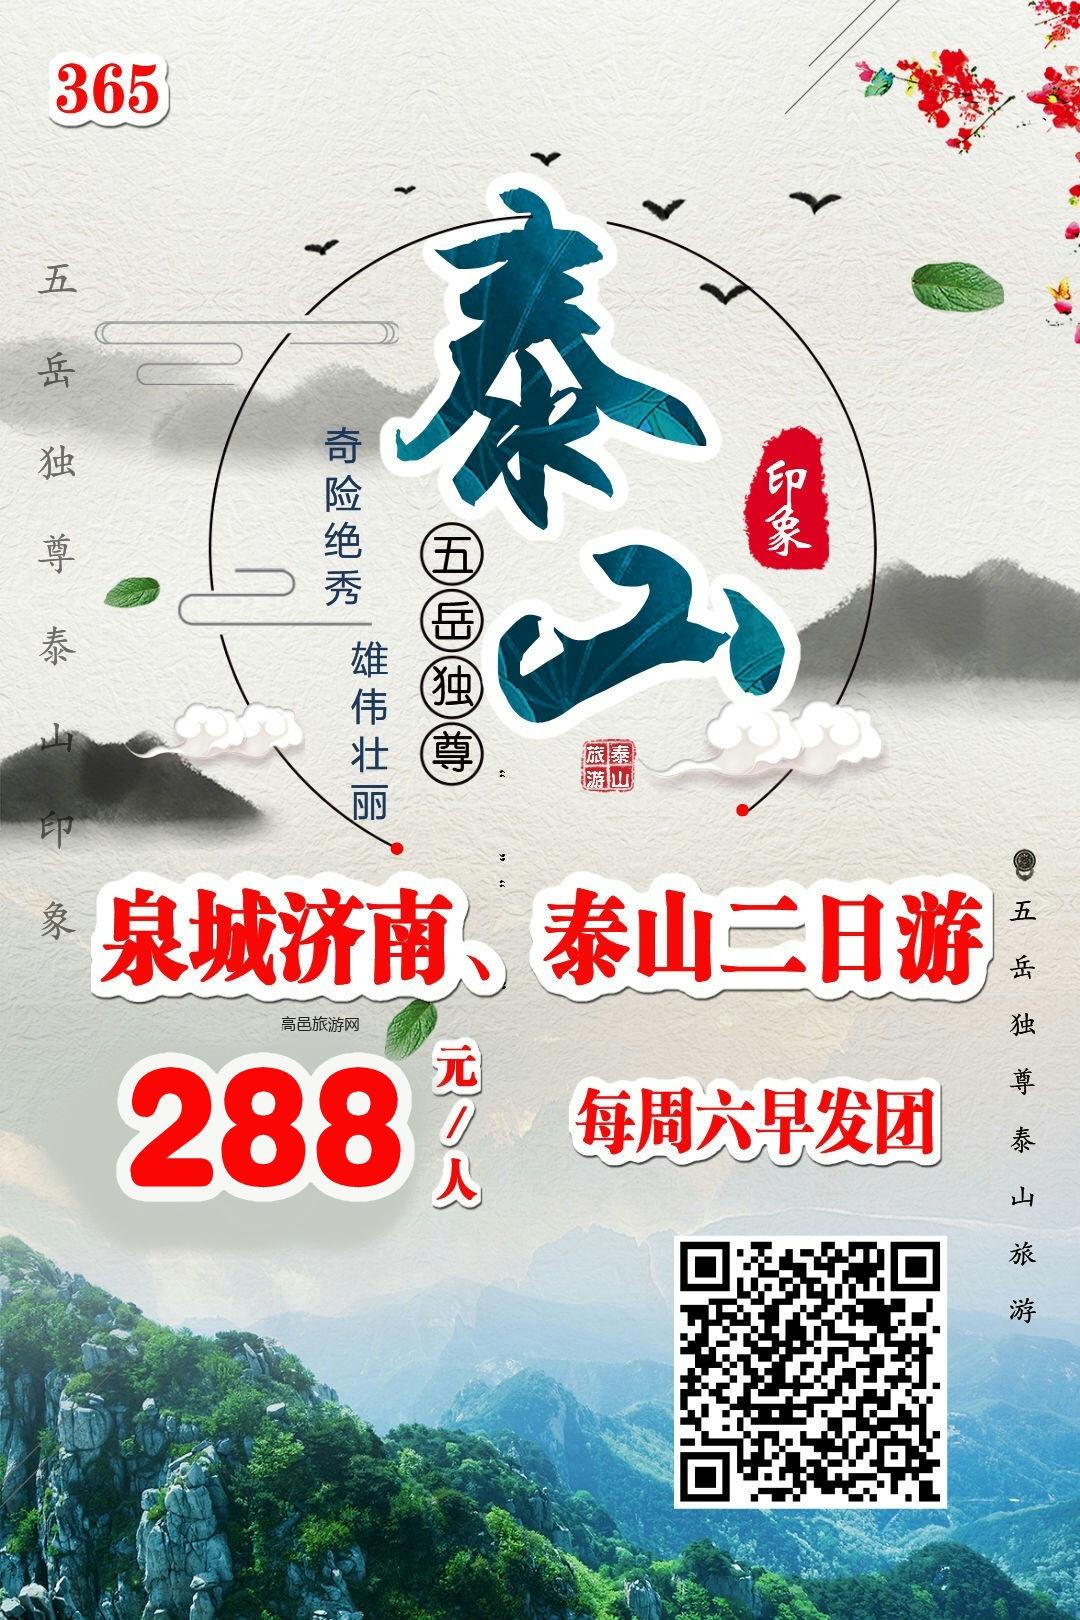 泰山 济南观日出2日游(精品)